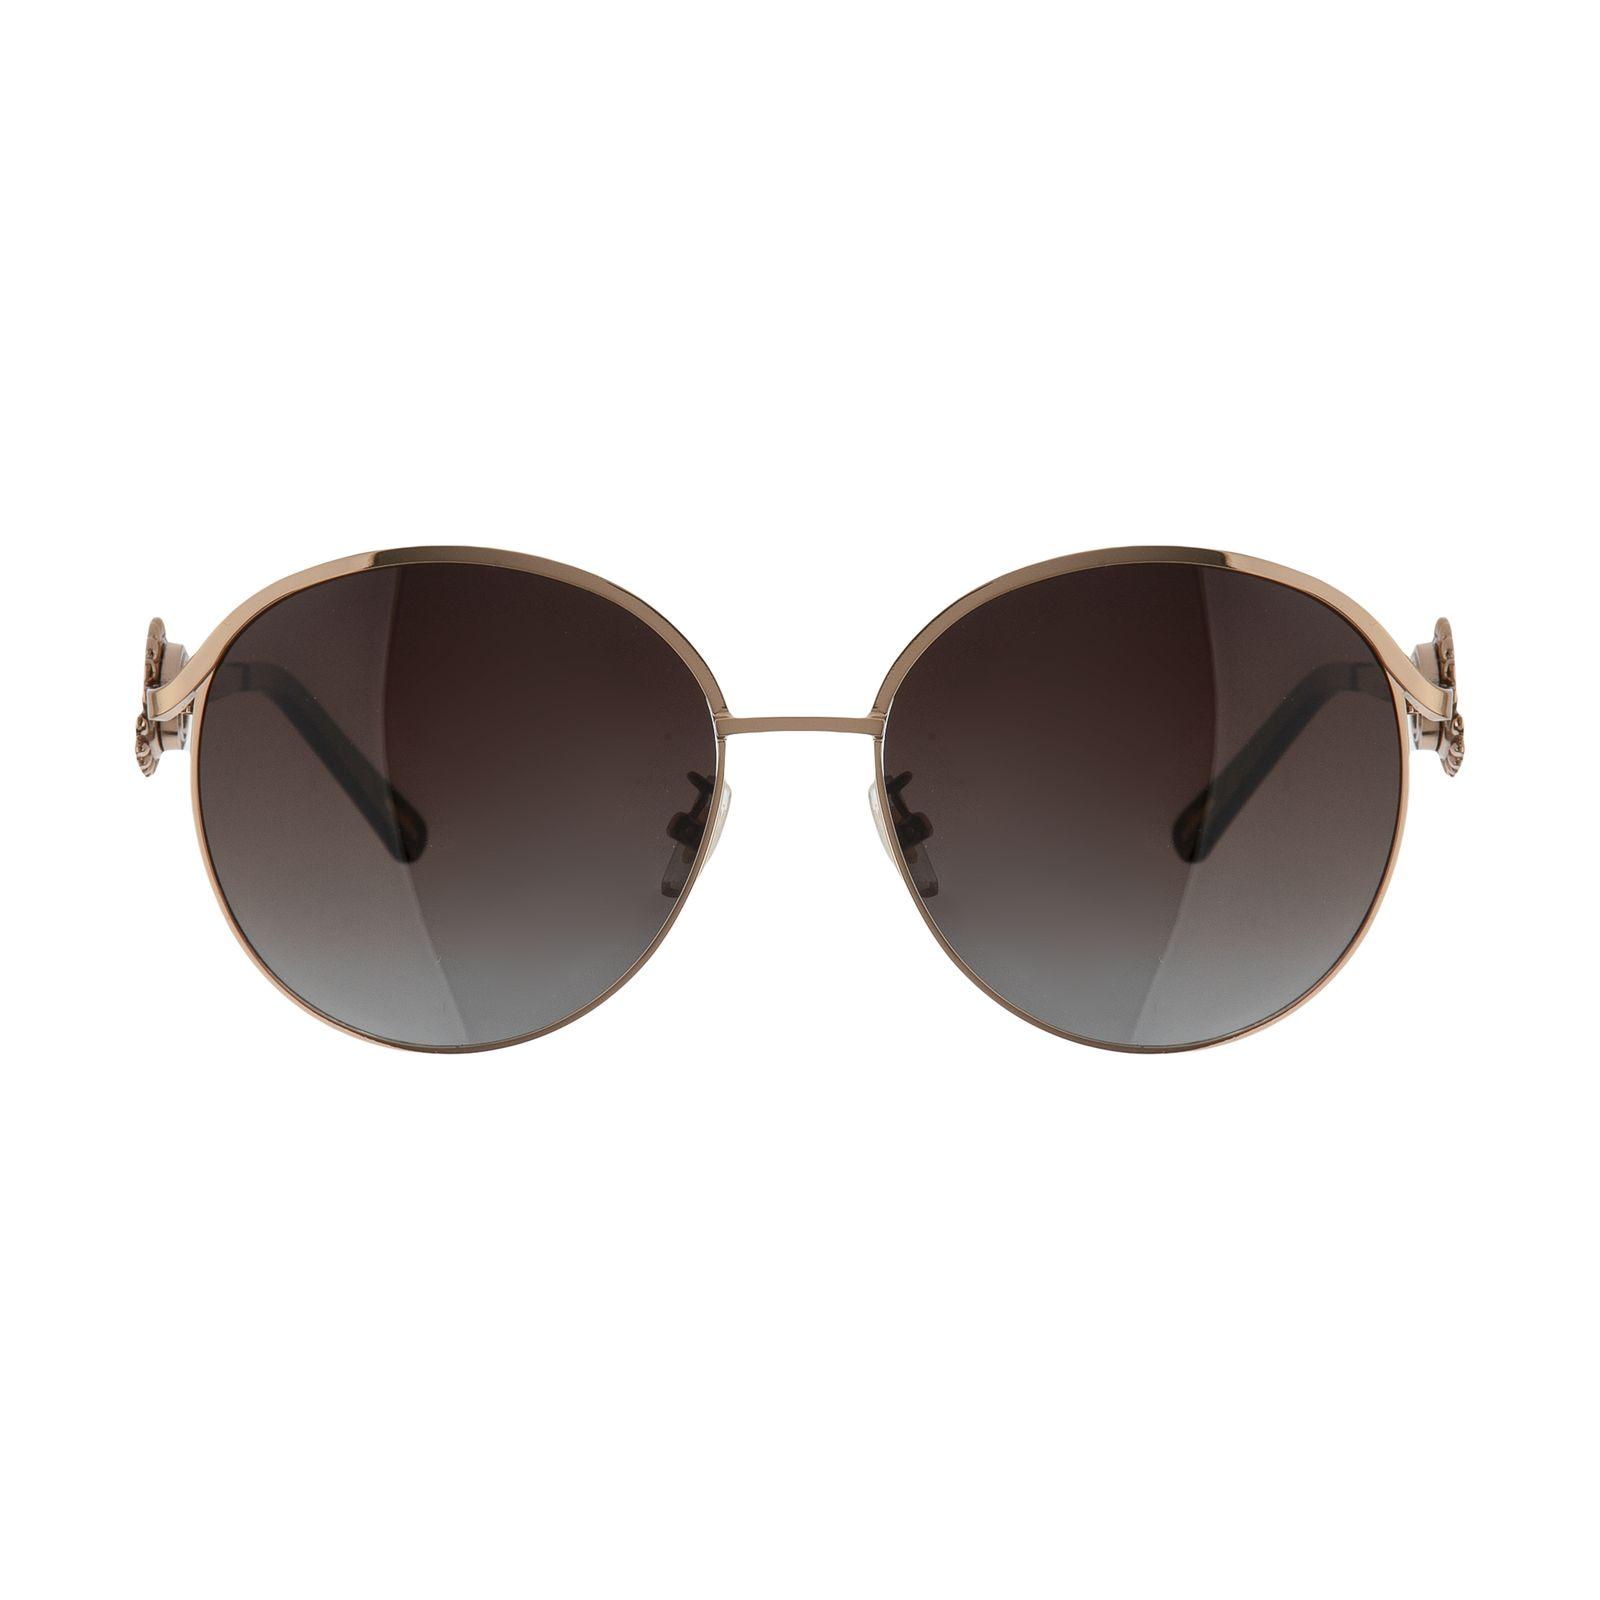 عینک آفتابی زنانه شوپارد مدل 21 -  - 2